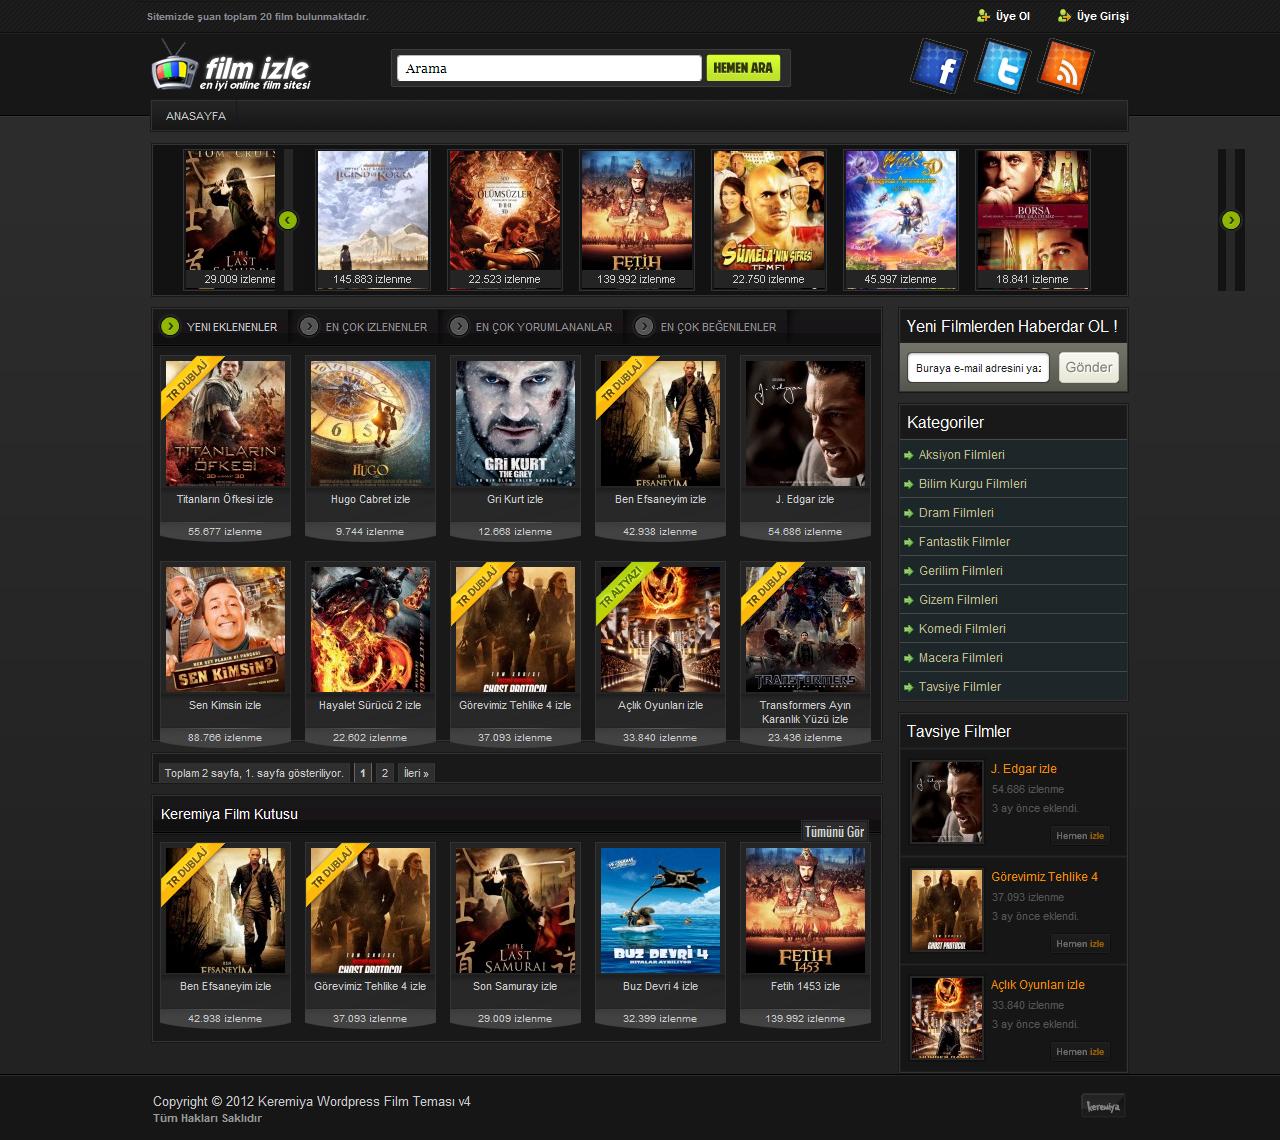 thiết kế web xem phim đẹp